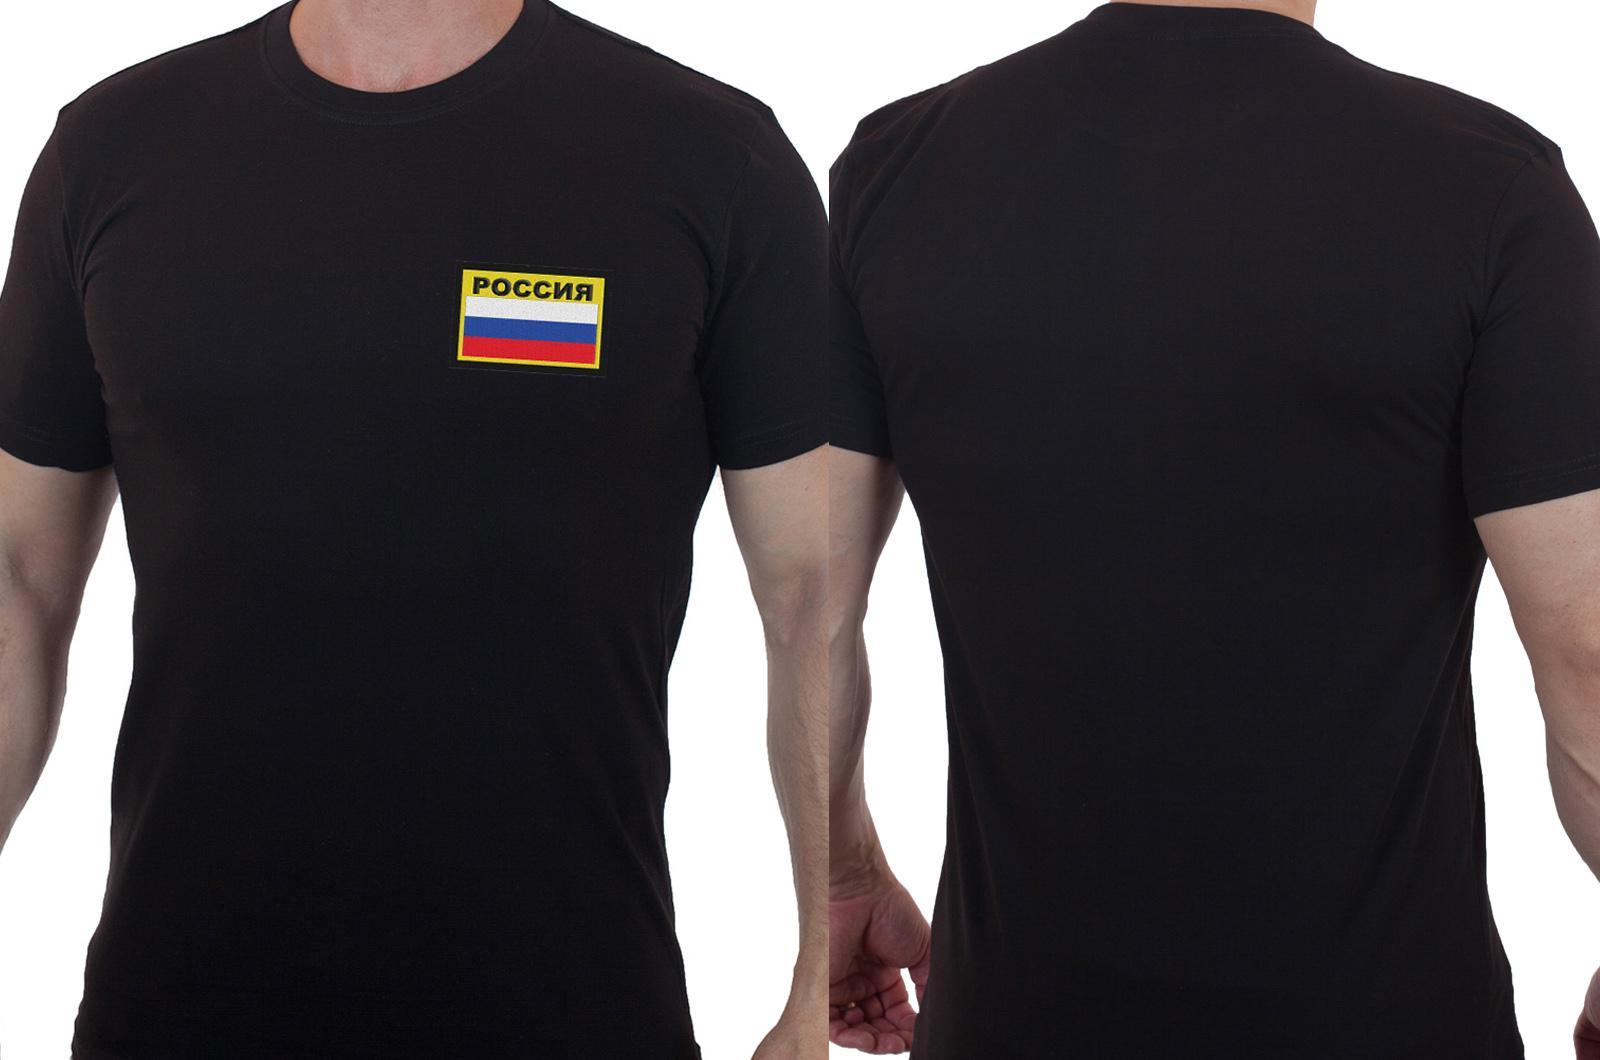 Мужская черная футболка с вышитым флагом России - купить в подарок